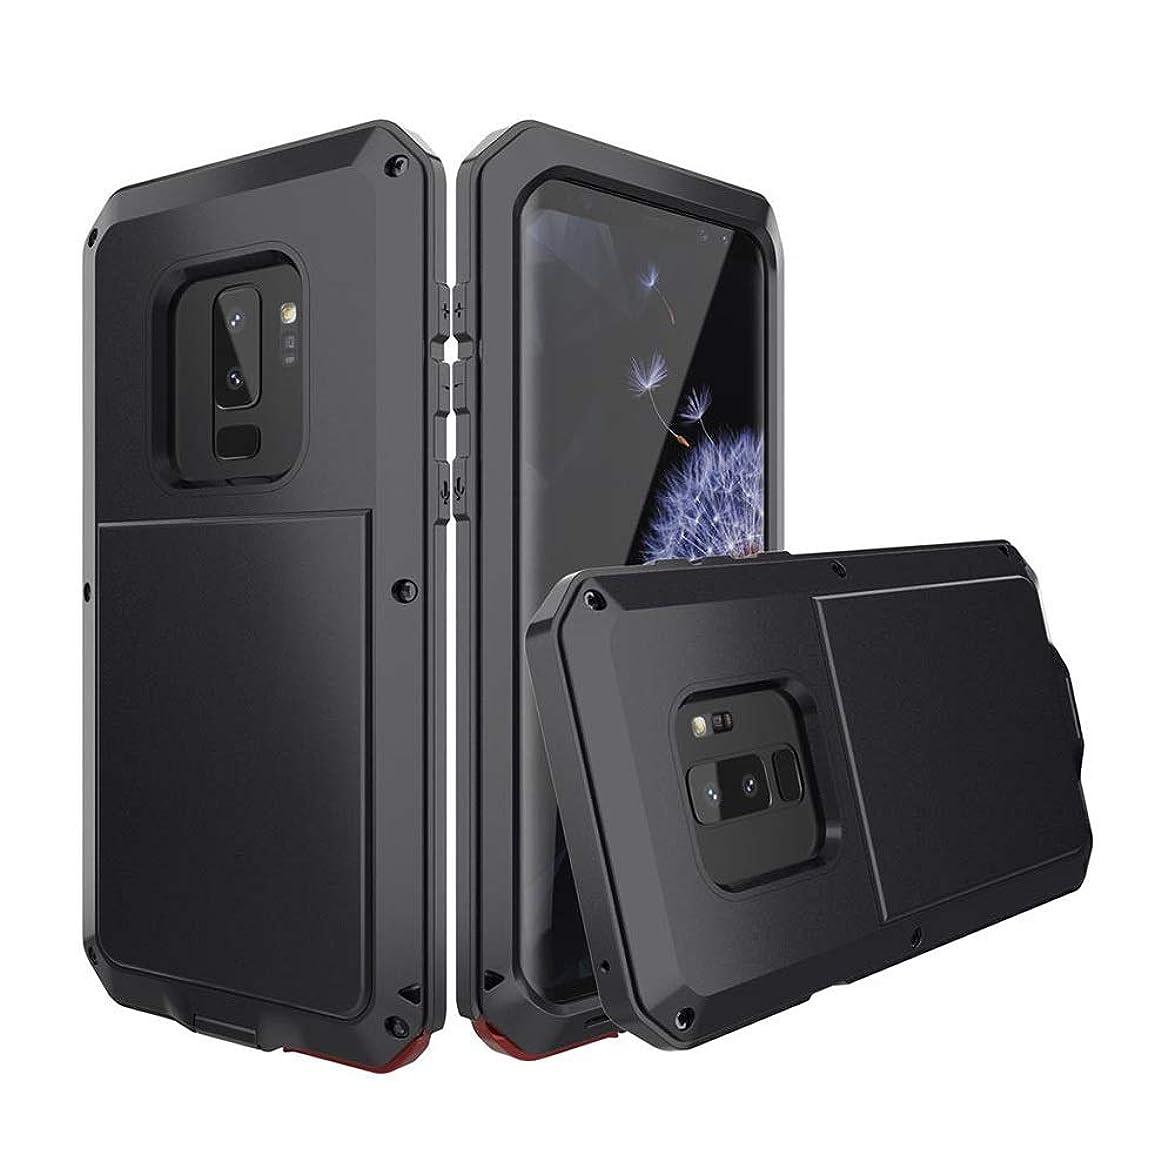 作ります細胞不実Tonglilili 電話ケース、サムスンS9、S9プラス、S8、S8プラス、S7、S7エッジ、S6、S6エッジ、S5のための3つの抗携帯電話ケース防水アンチドロップ金属保護カバー電話ケース (Color : 黒, Edition : S7)